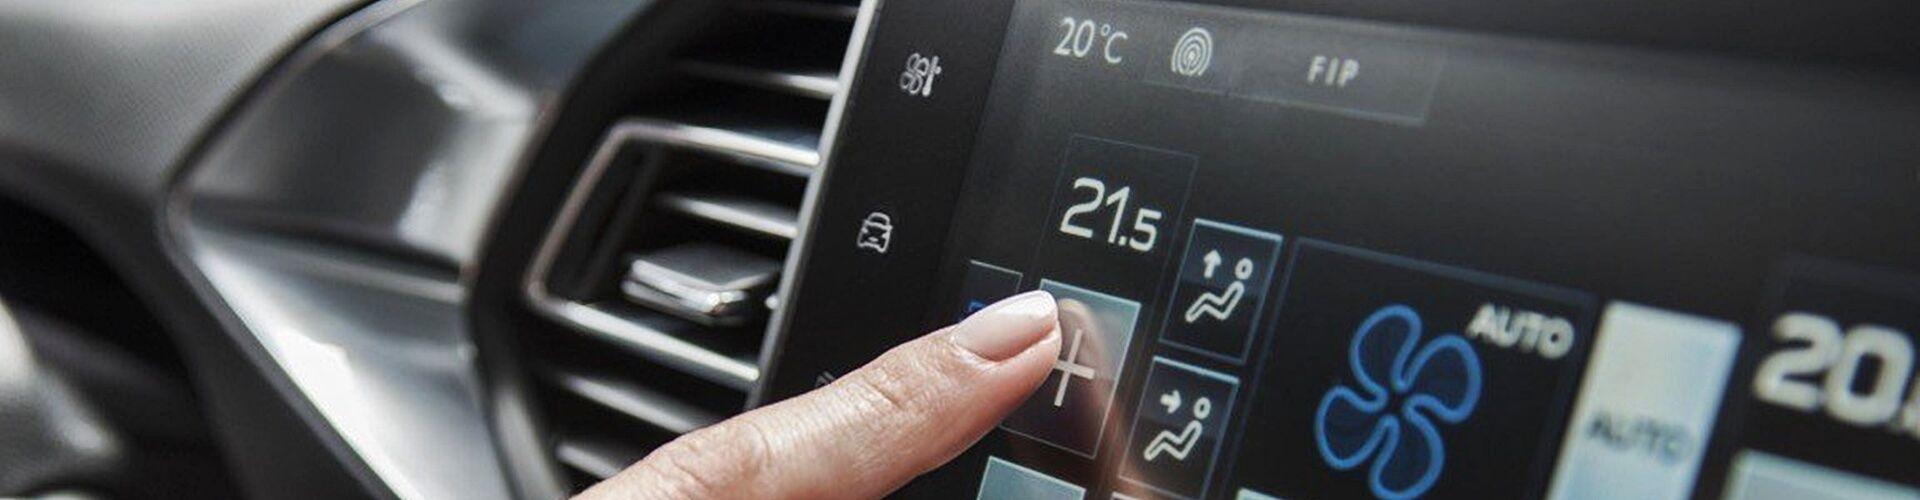 instalar-aire-acondicionado-coche